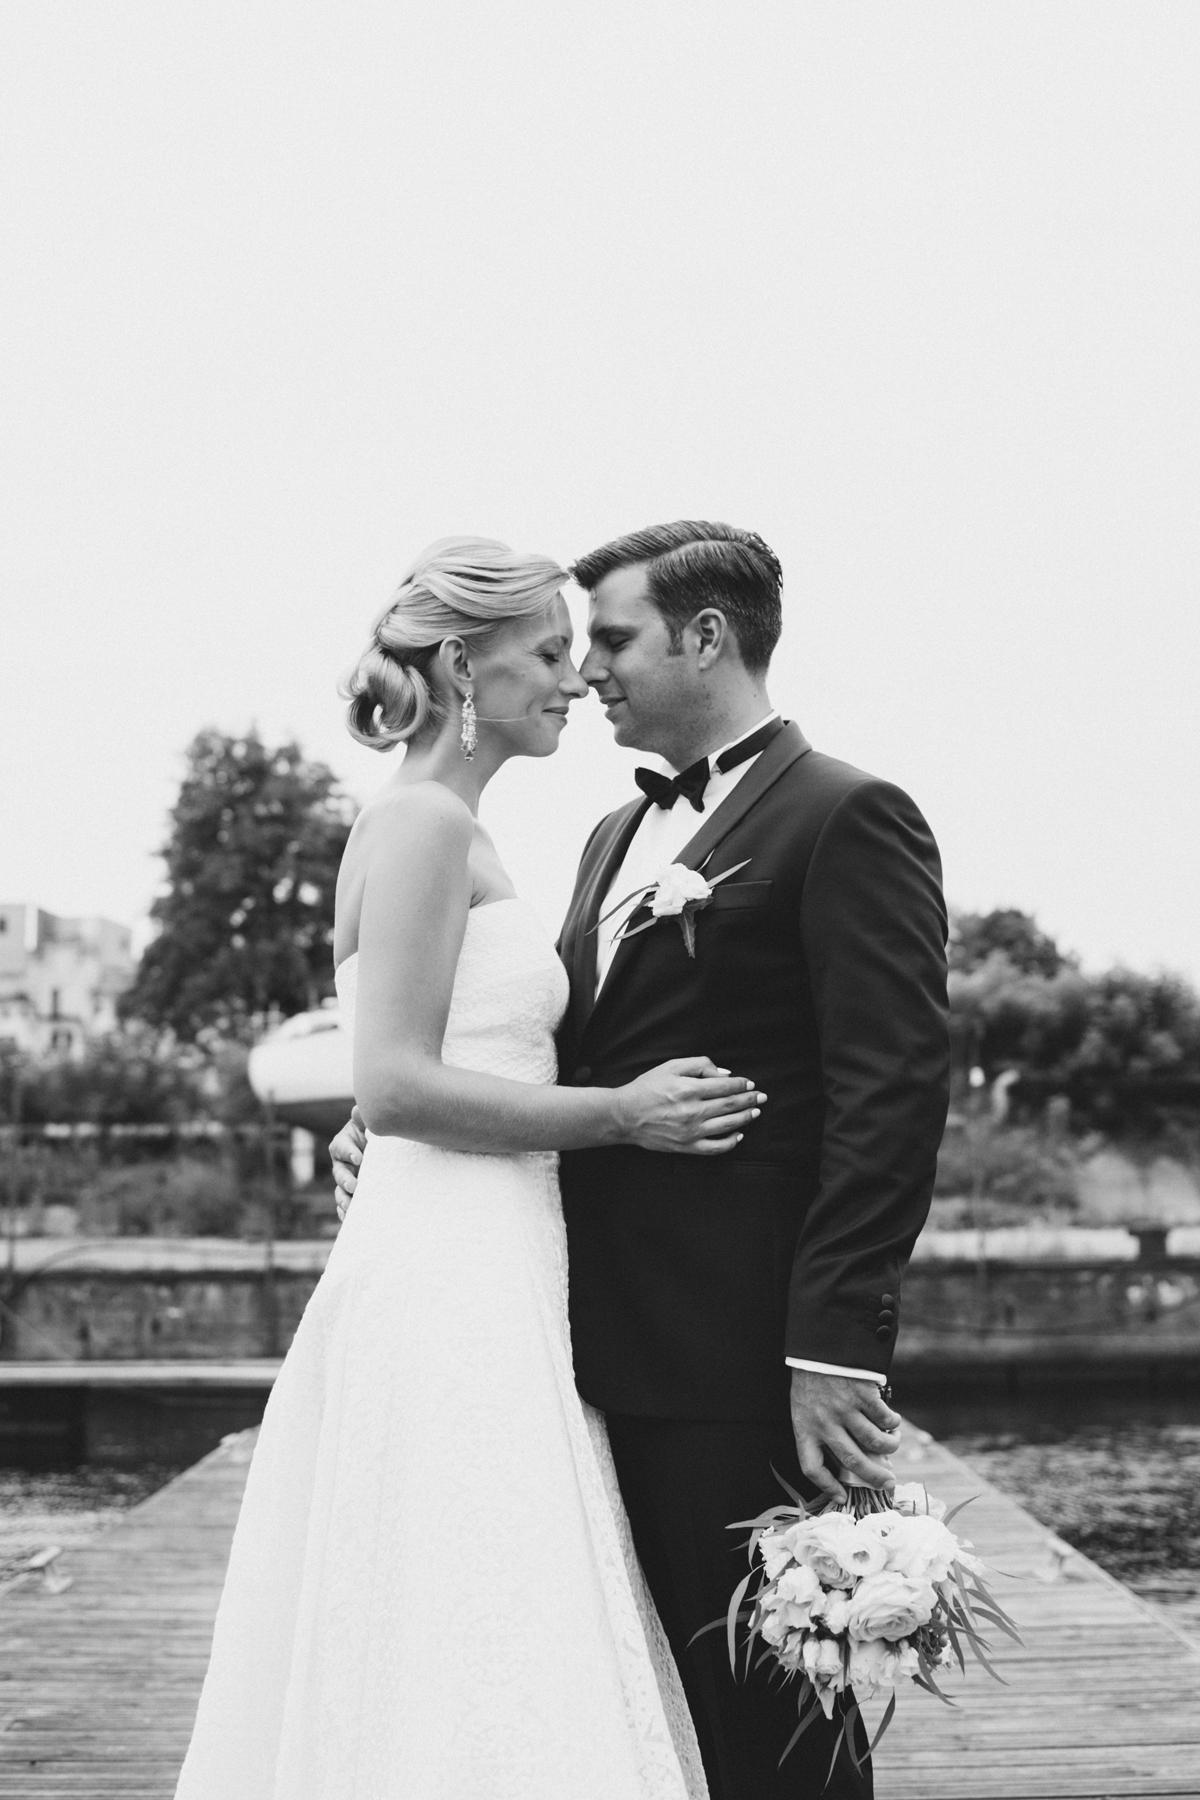 527-Petersone-Liene-wedding-blog